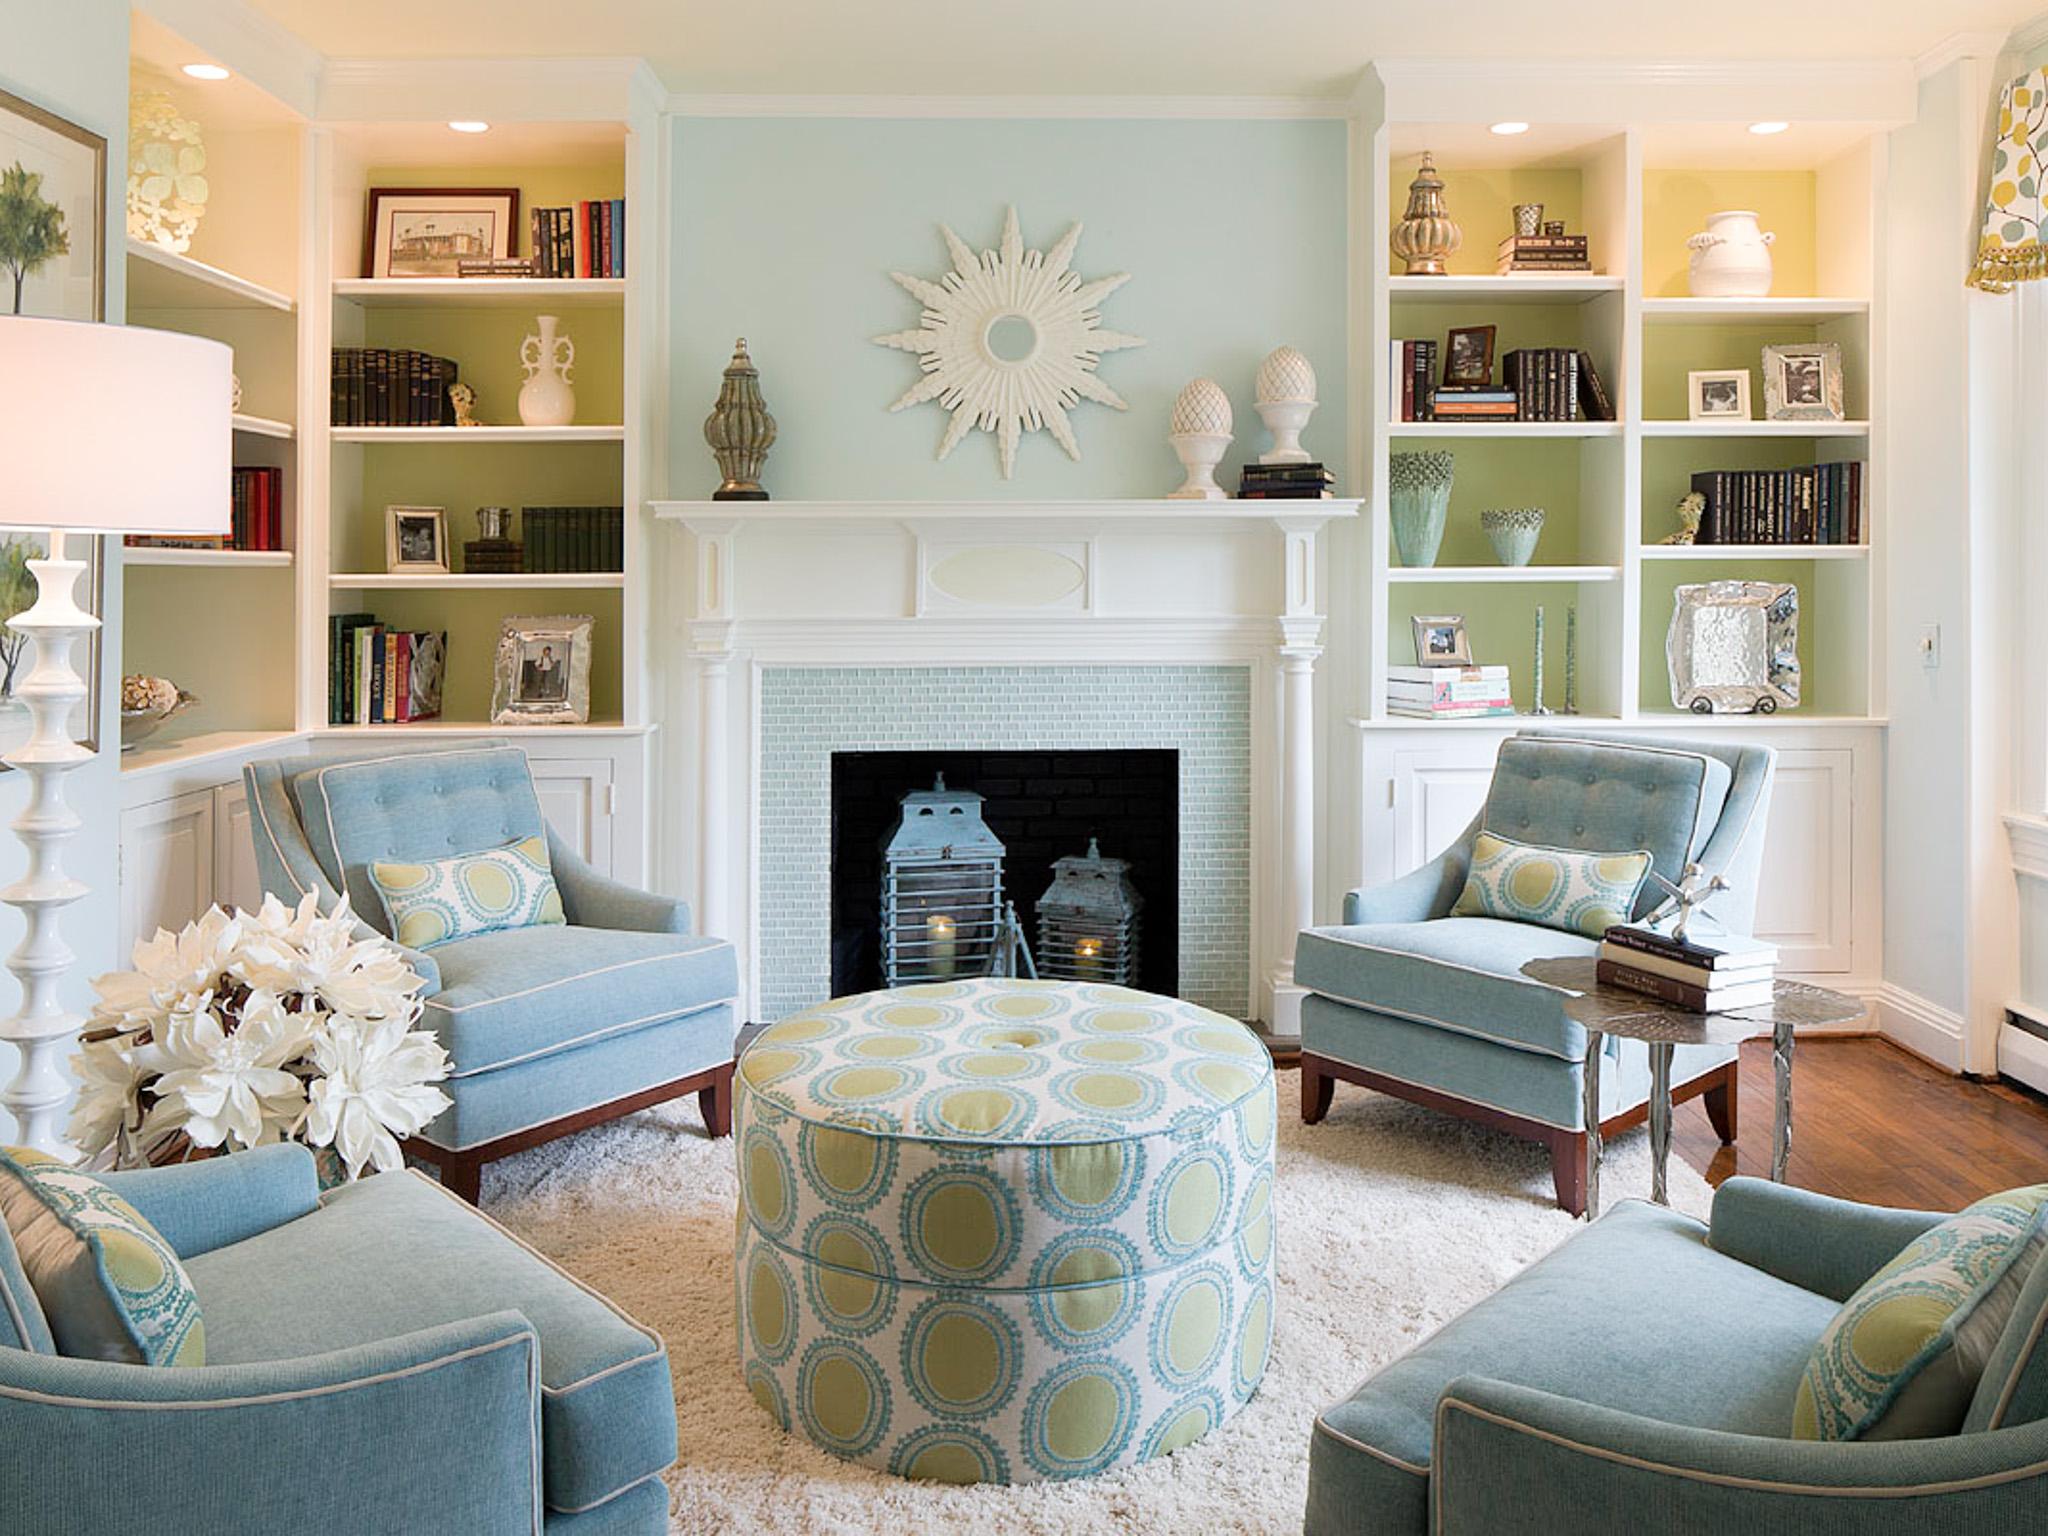 Light Blue Walls In Living Room